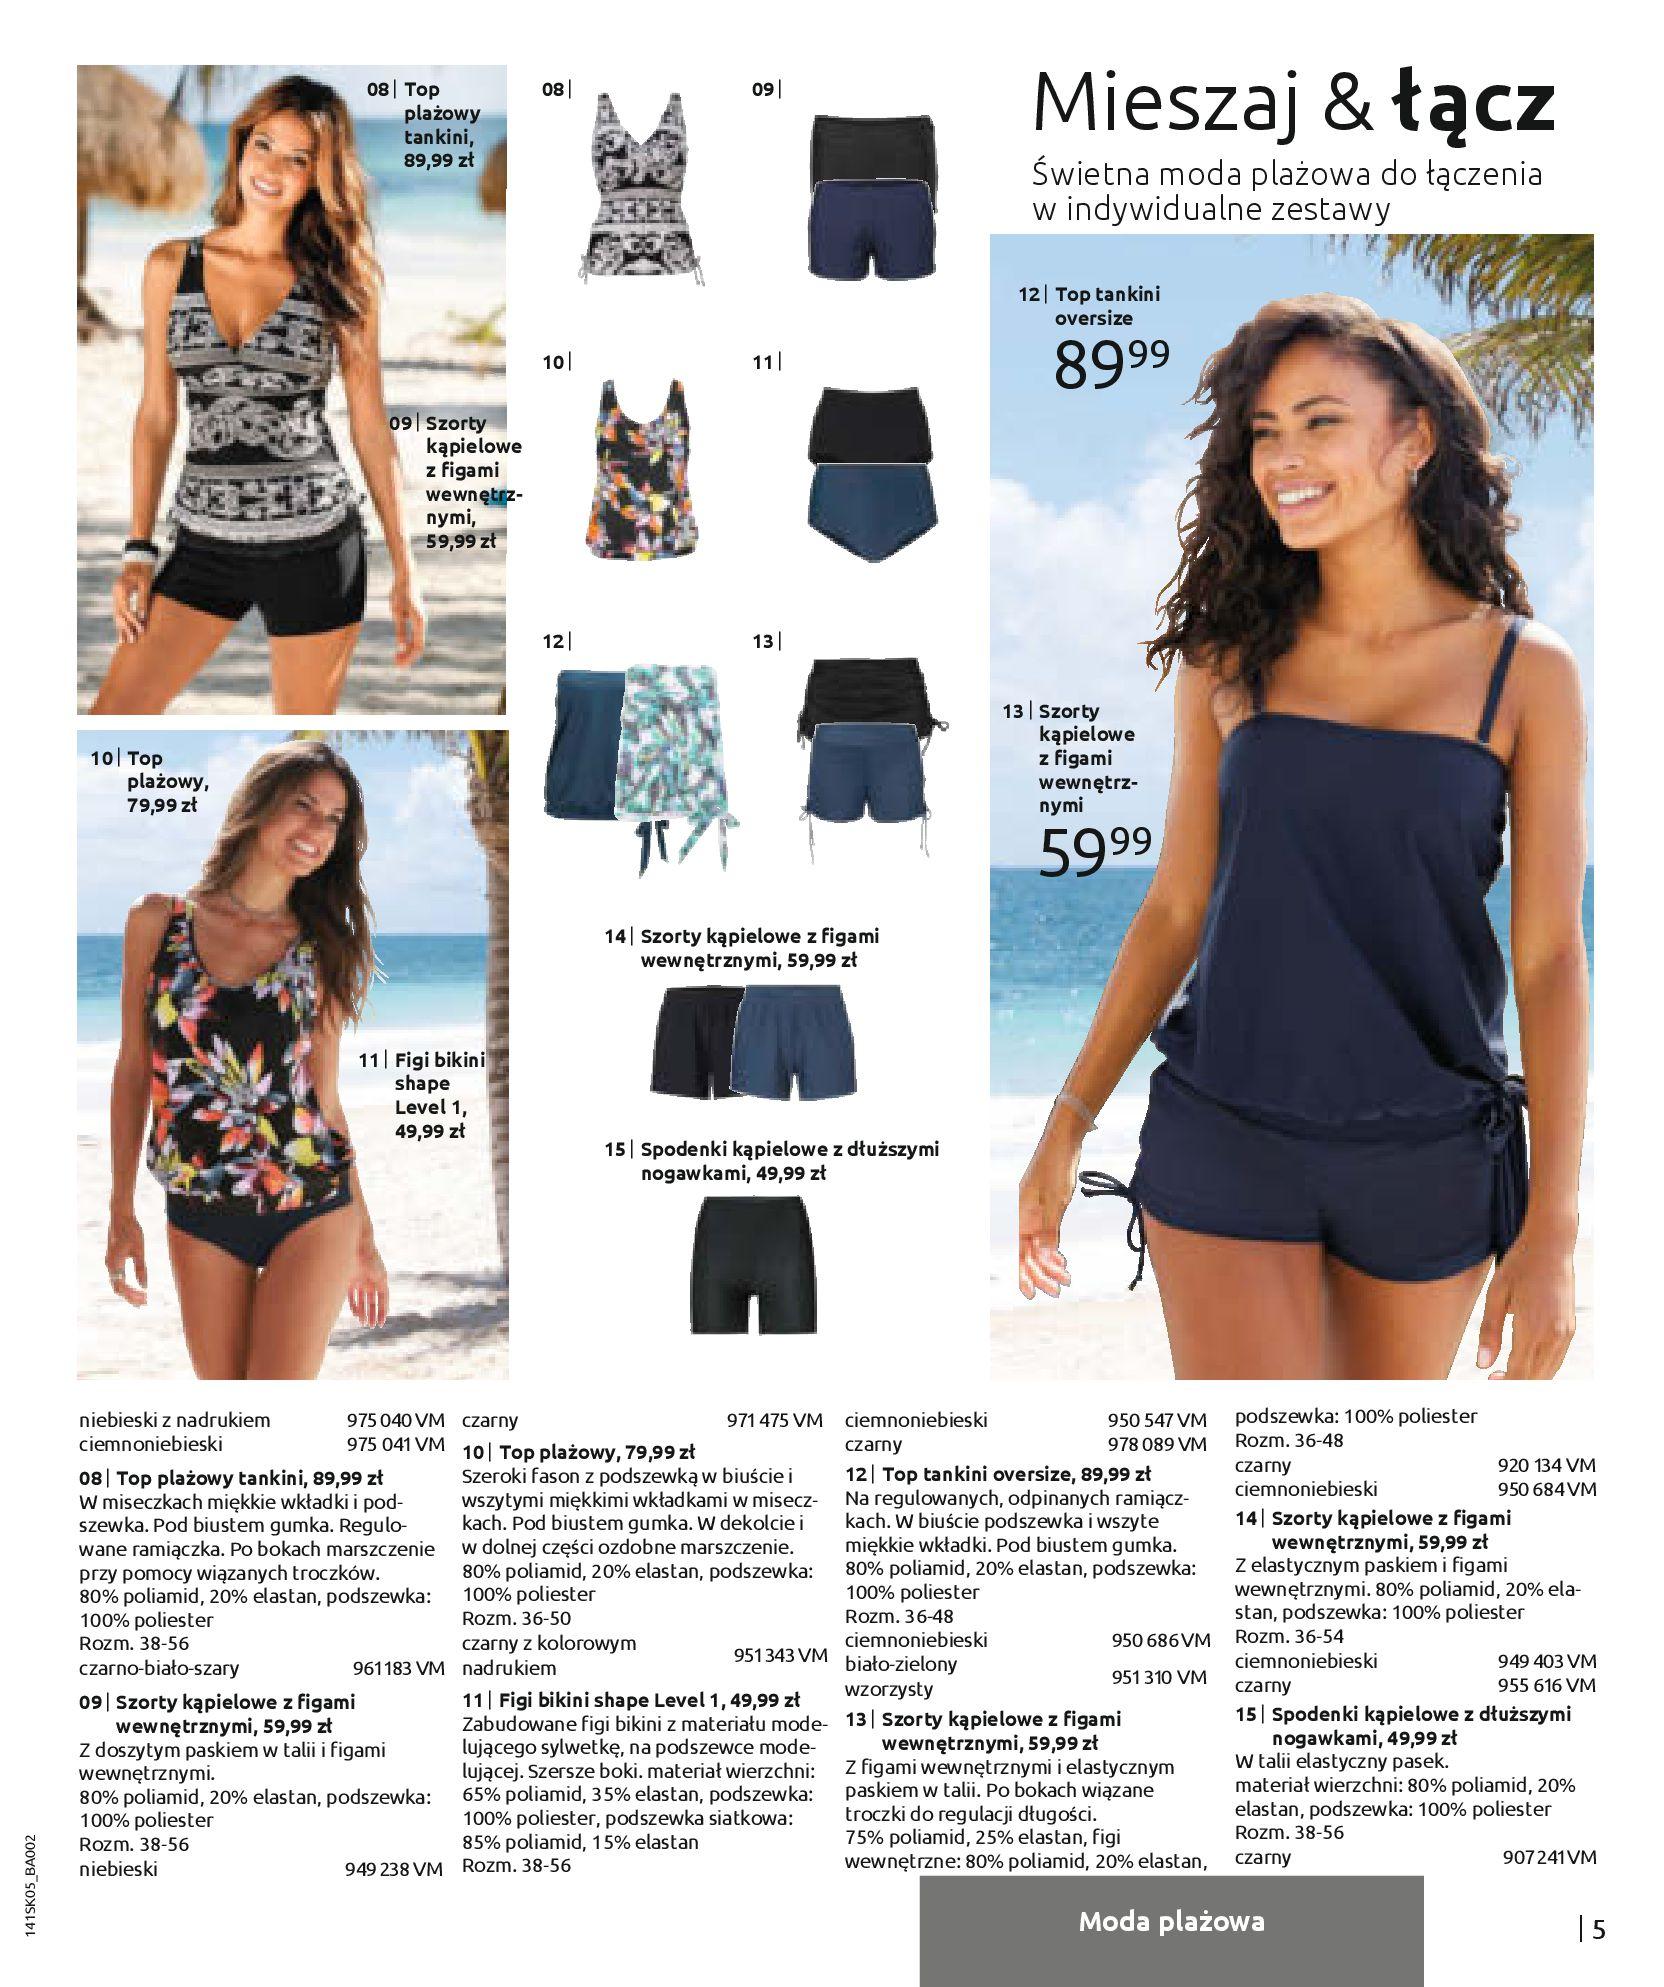 Gazetka Bonprix - Zachwycający look-25.08.2020-18.11.2020-page-7